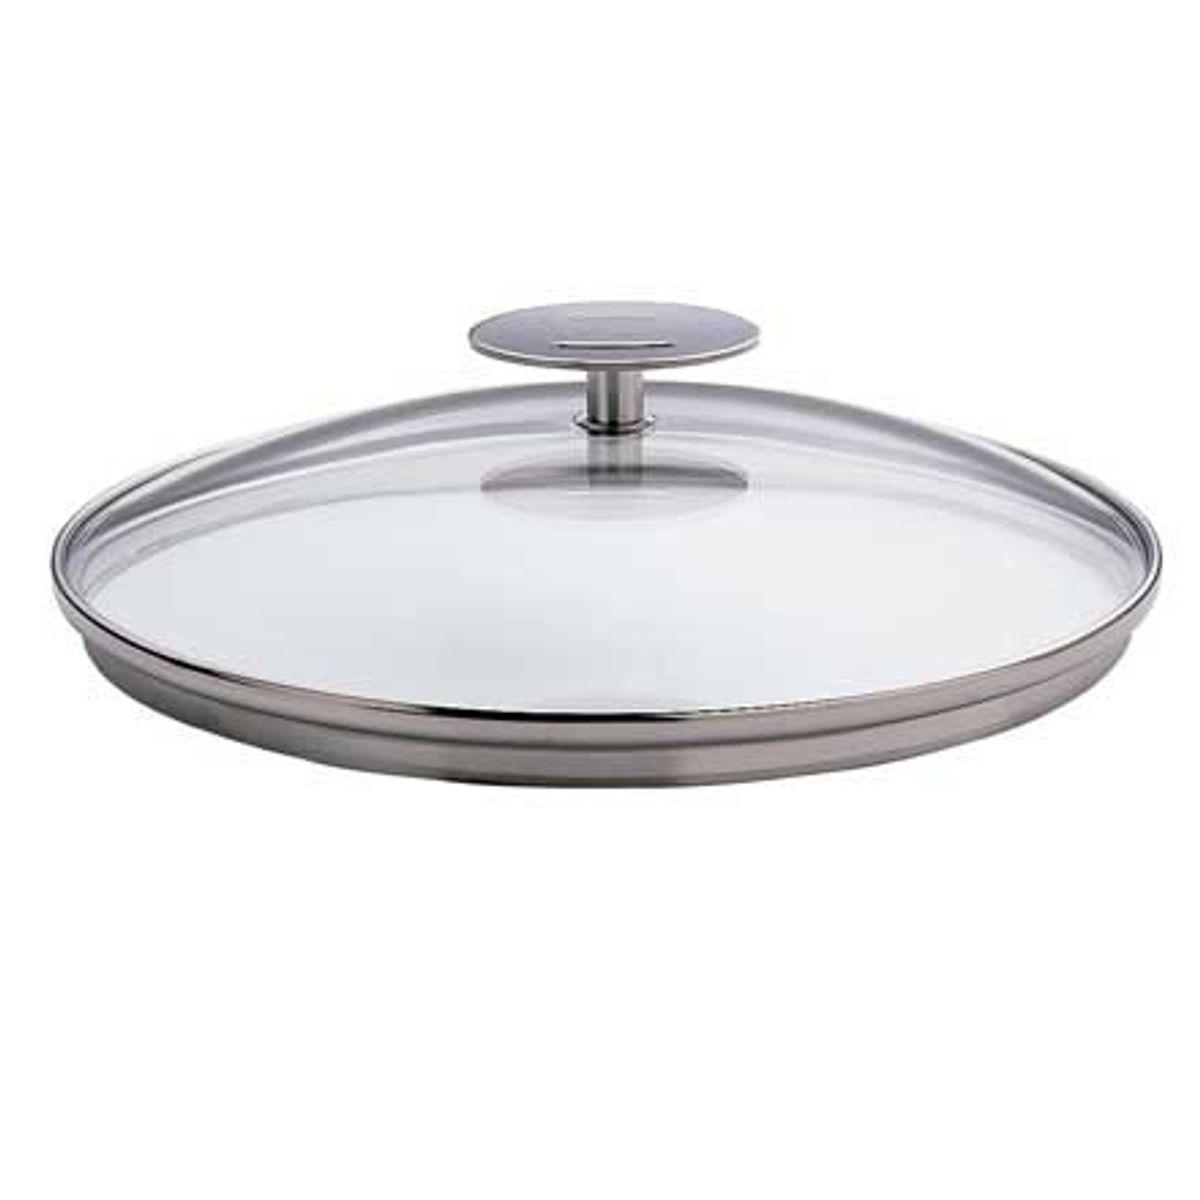 Couvercle 18cm verre platine - Cristel